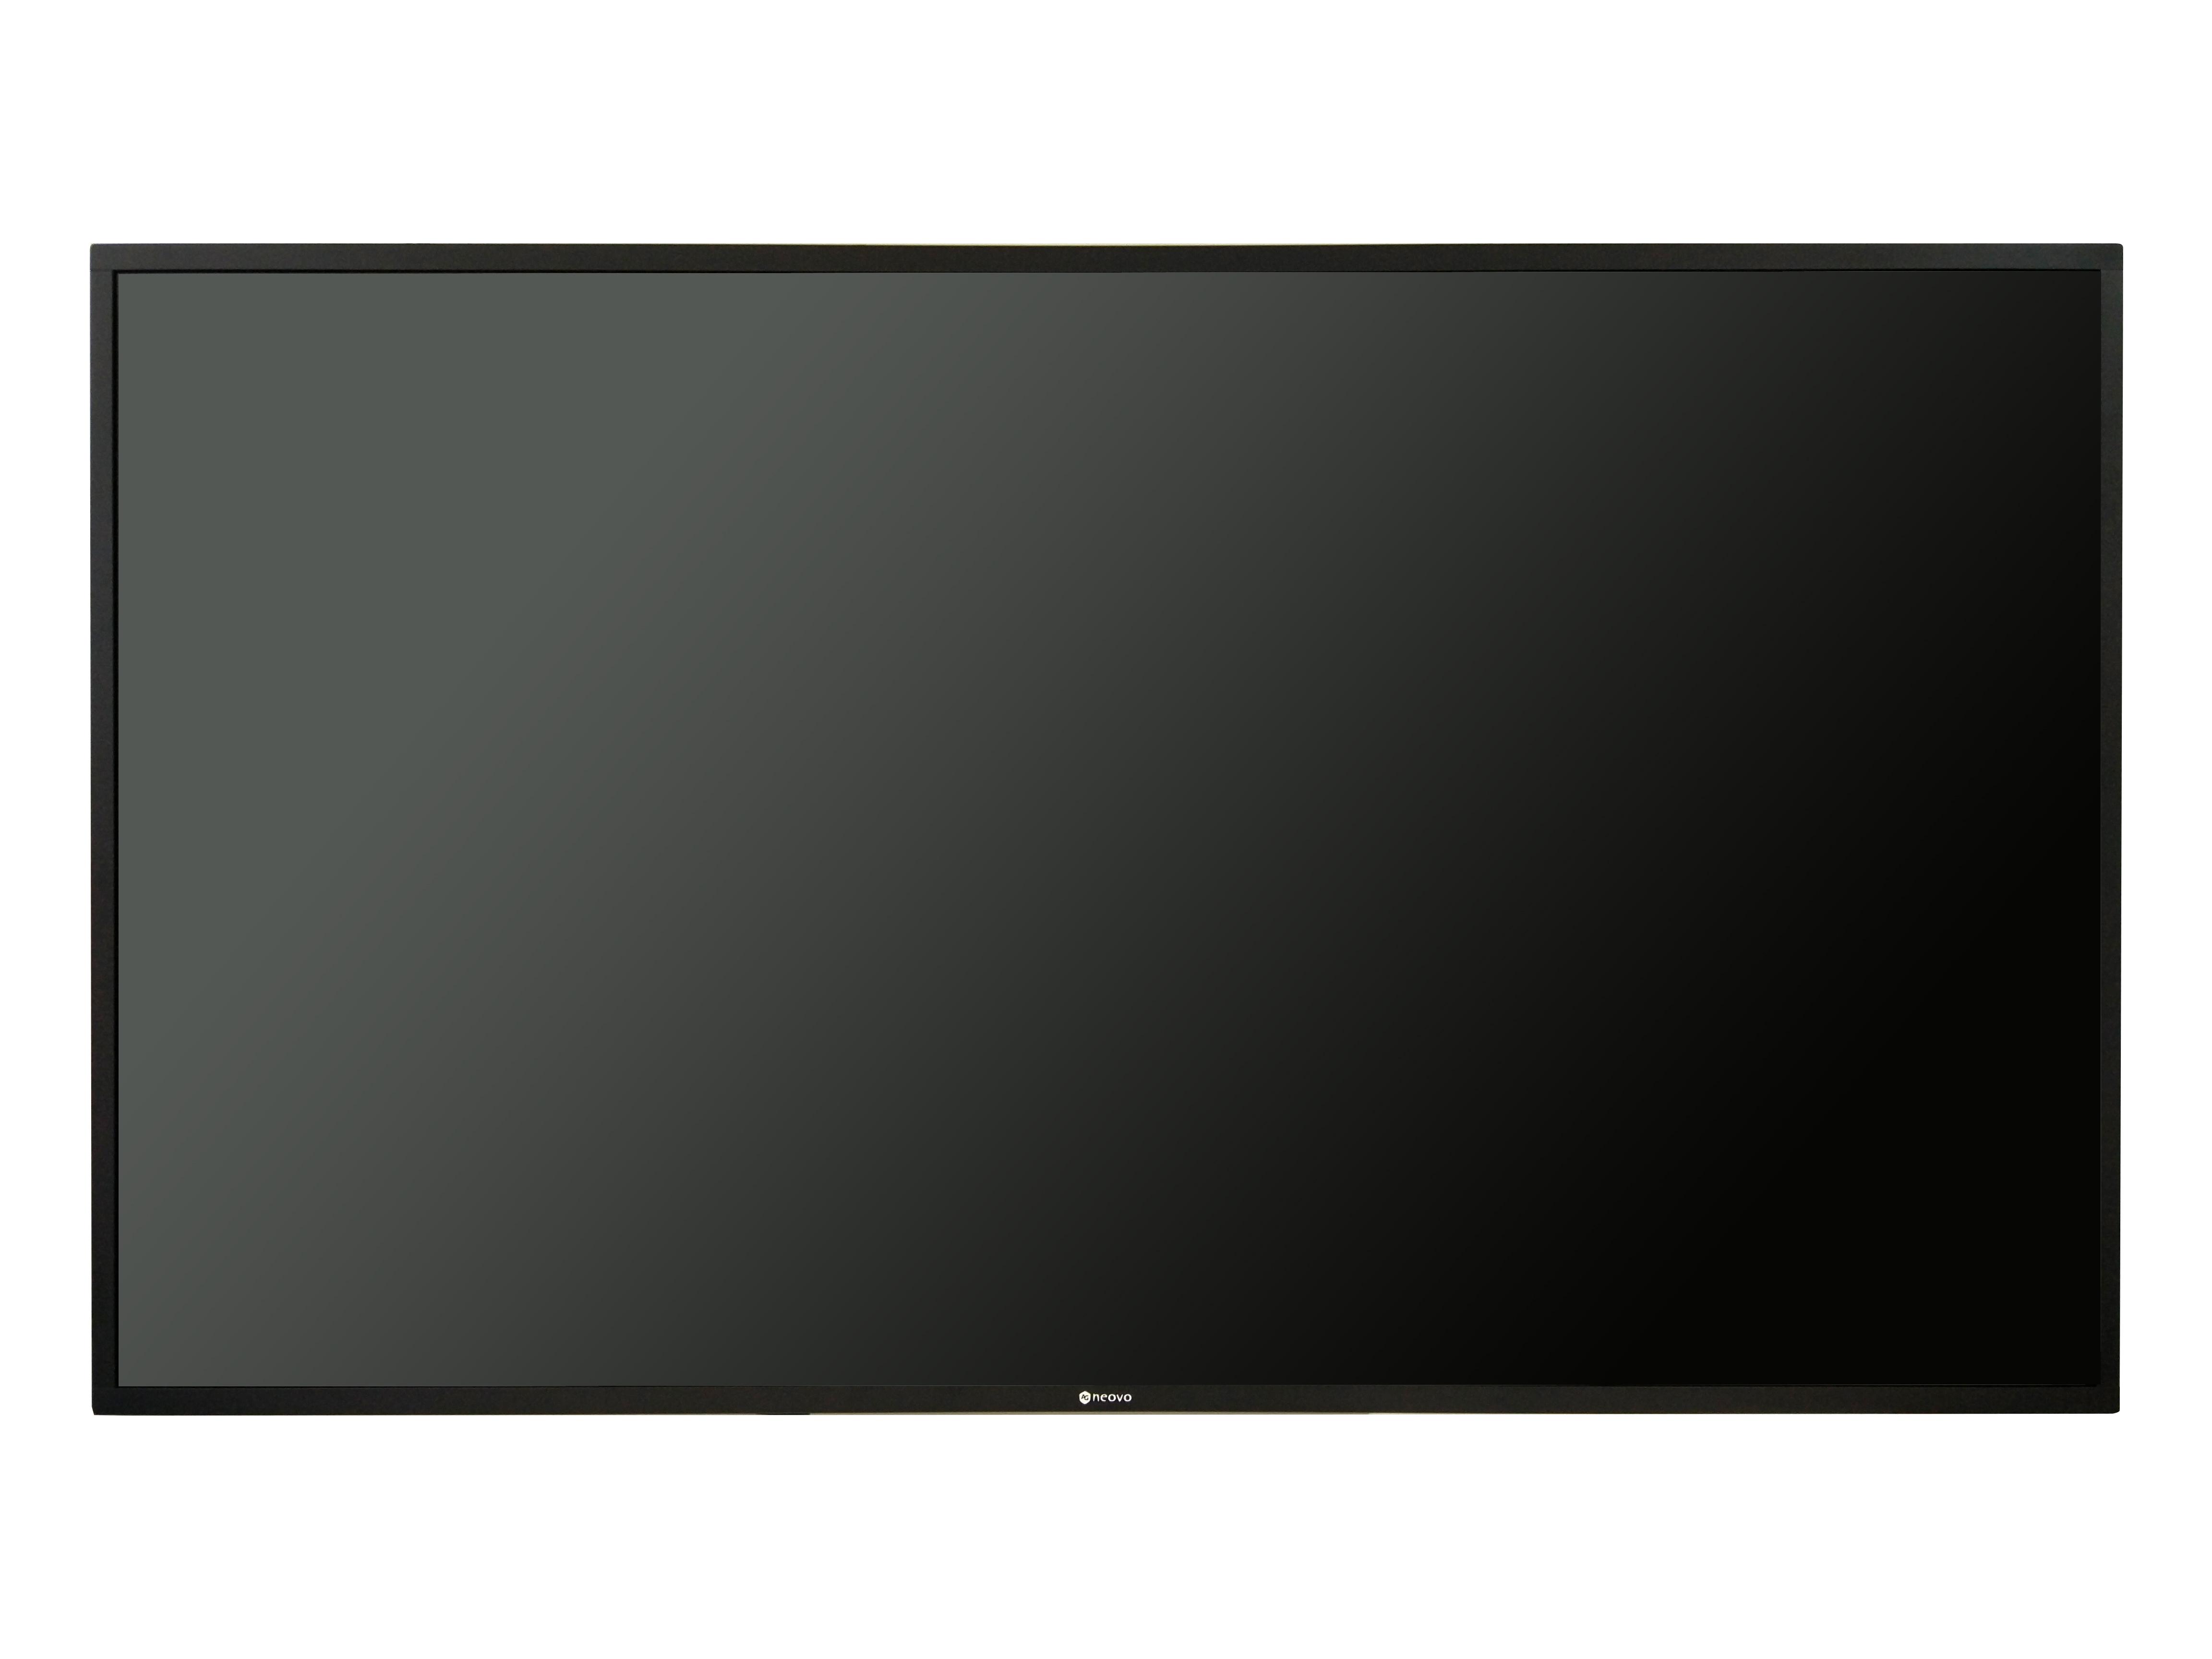 QD-84_front